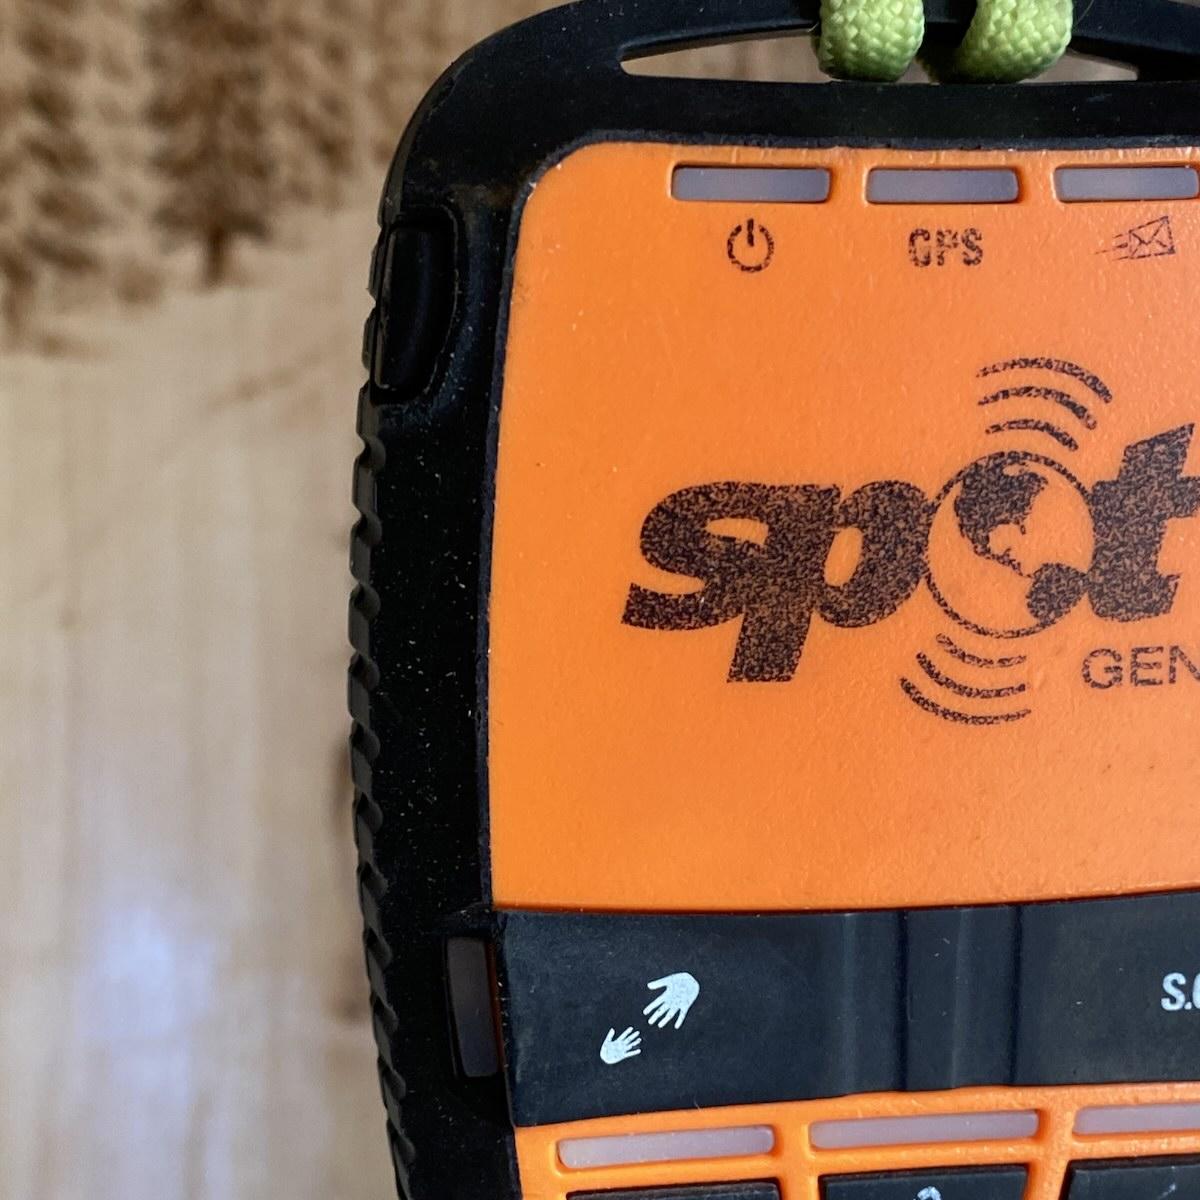 A spot GPS unit